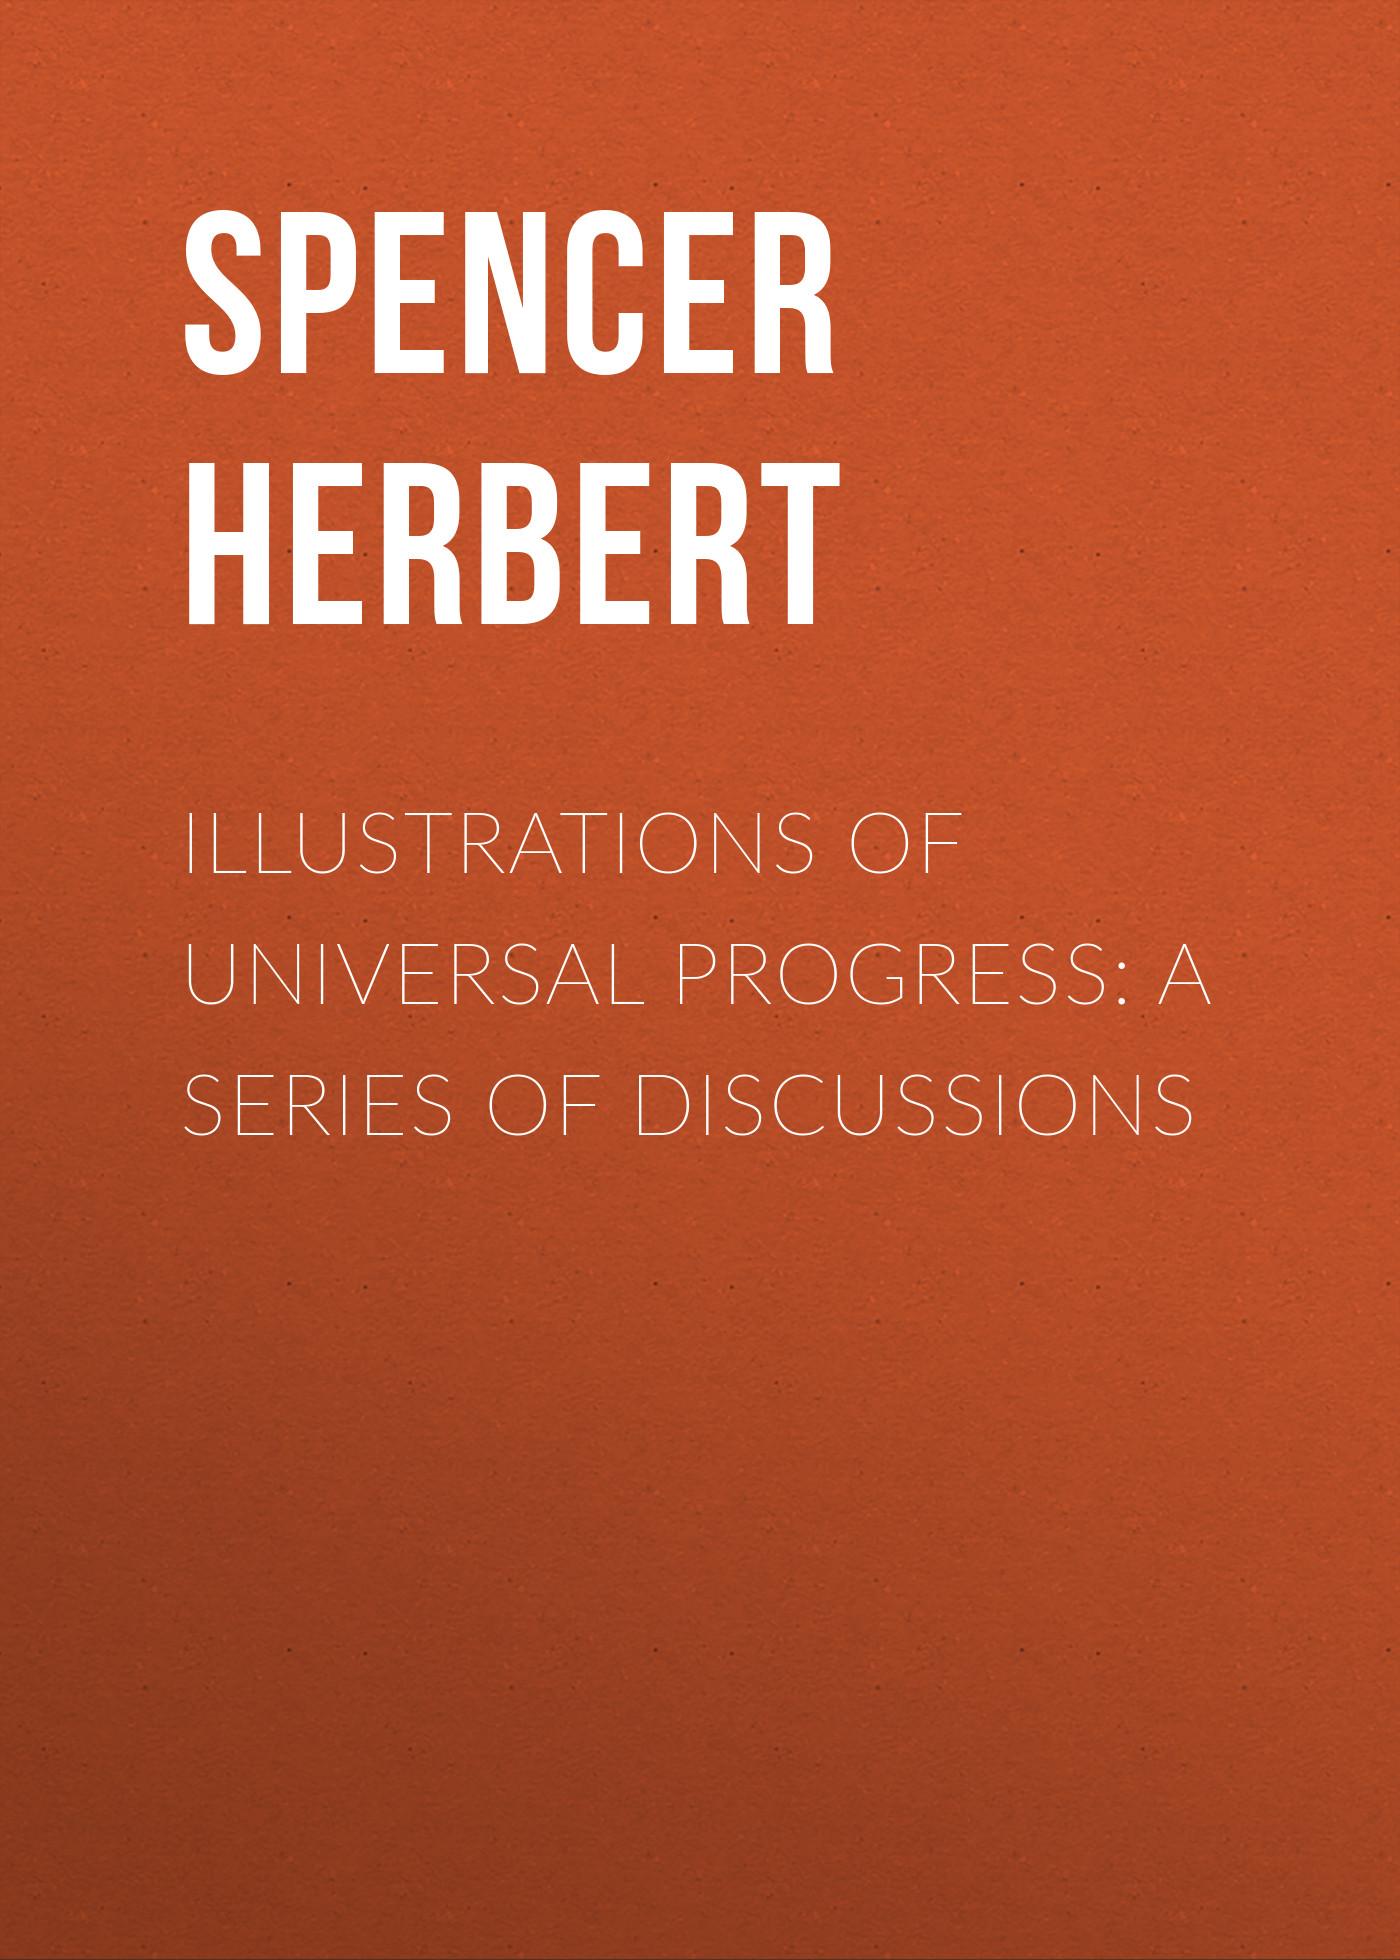 Spencer Herbert Illustrations of Universal Progress: A Series of Discussions spencer herbert the data of ethics